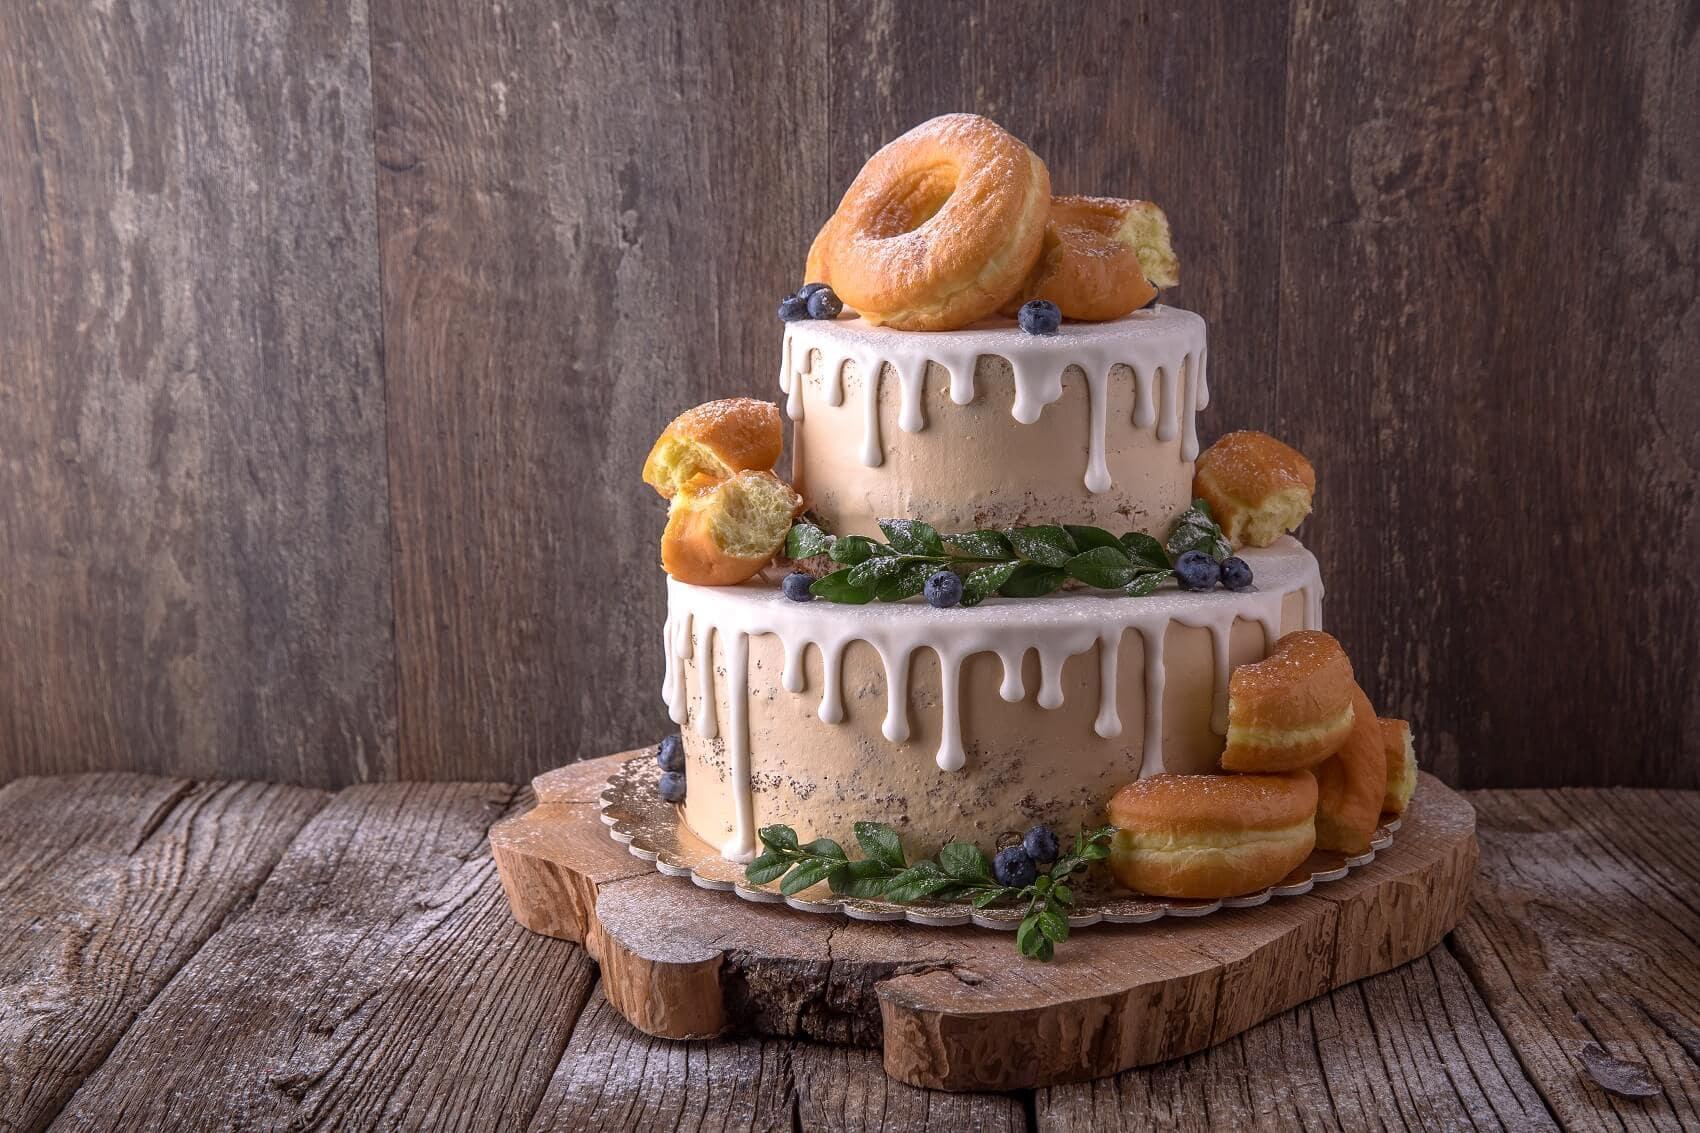 Cramer's Custom Cakes